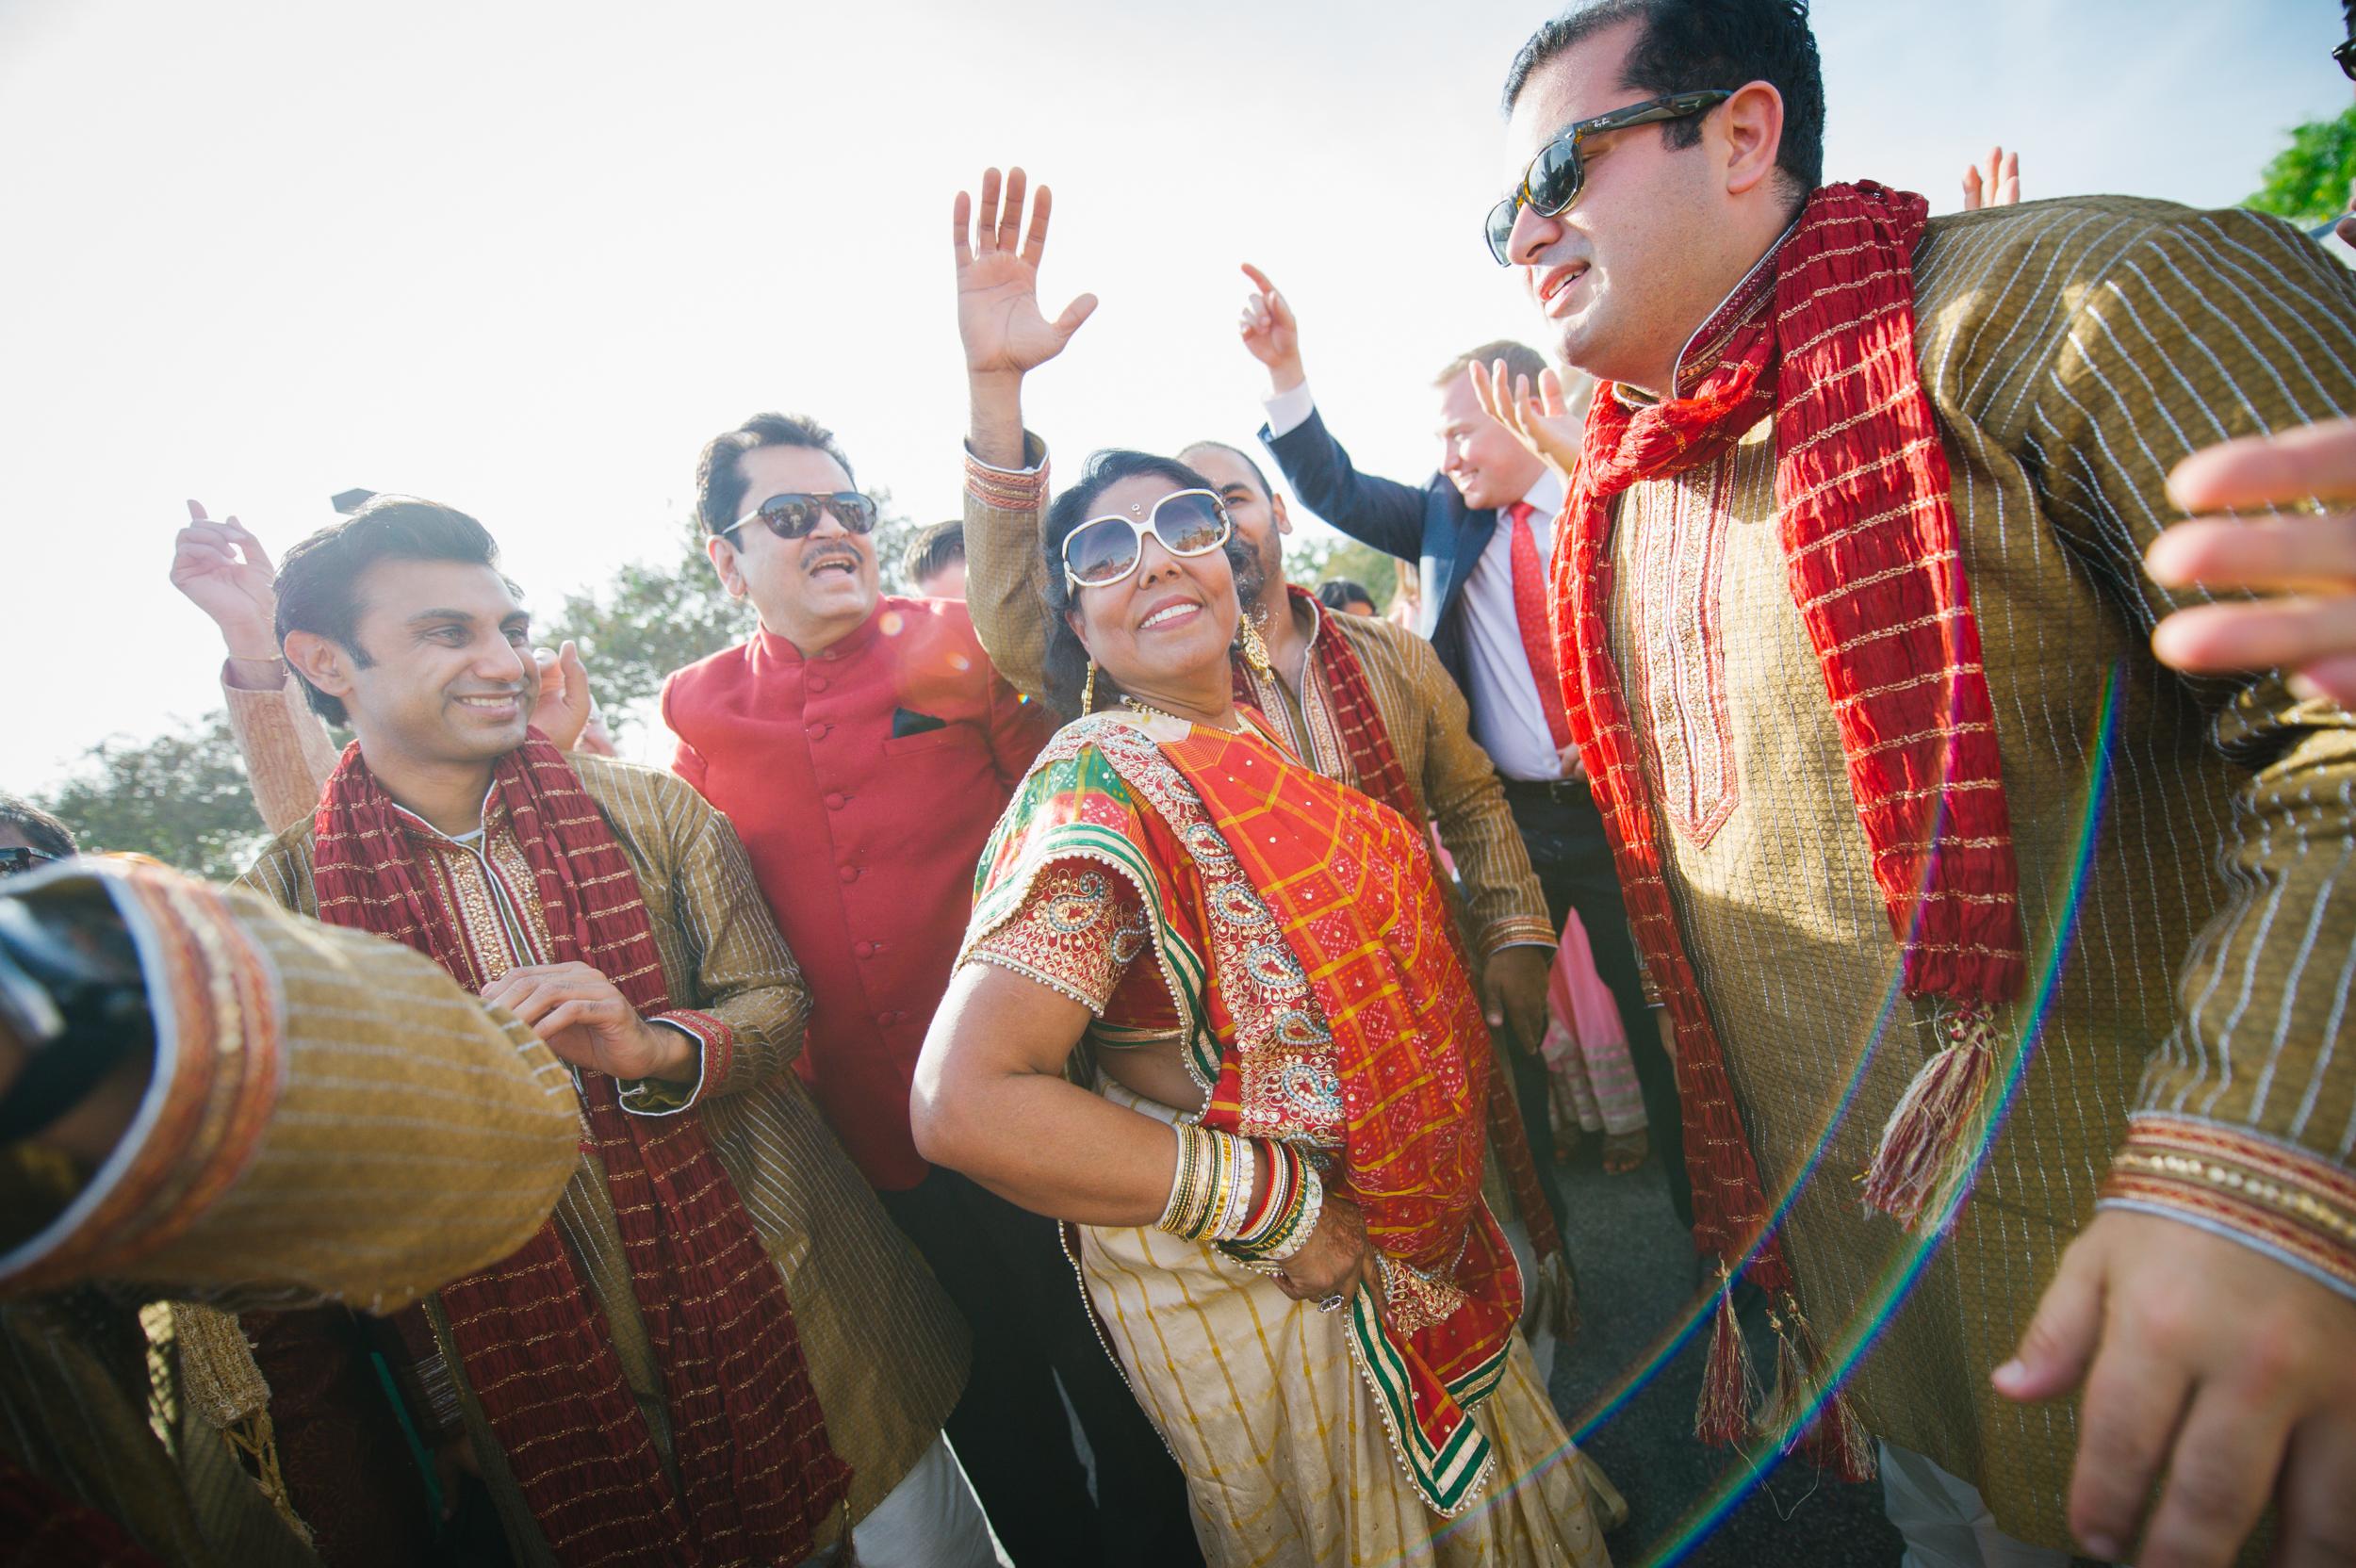 JKP_Indian_Weddings_0147.JPG